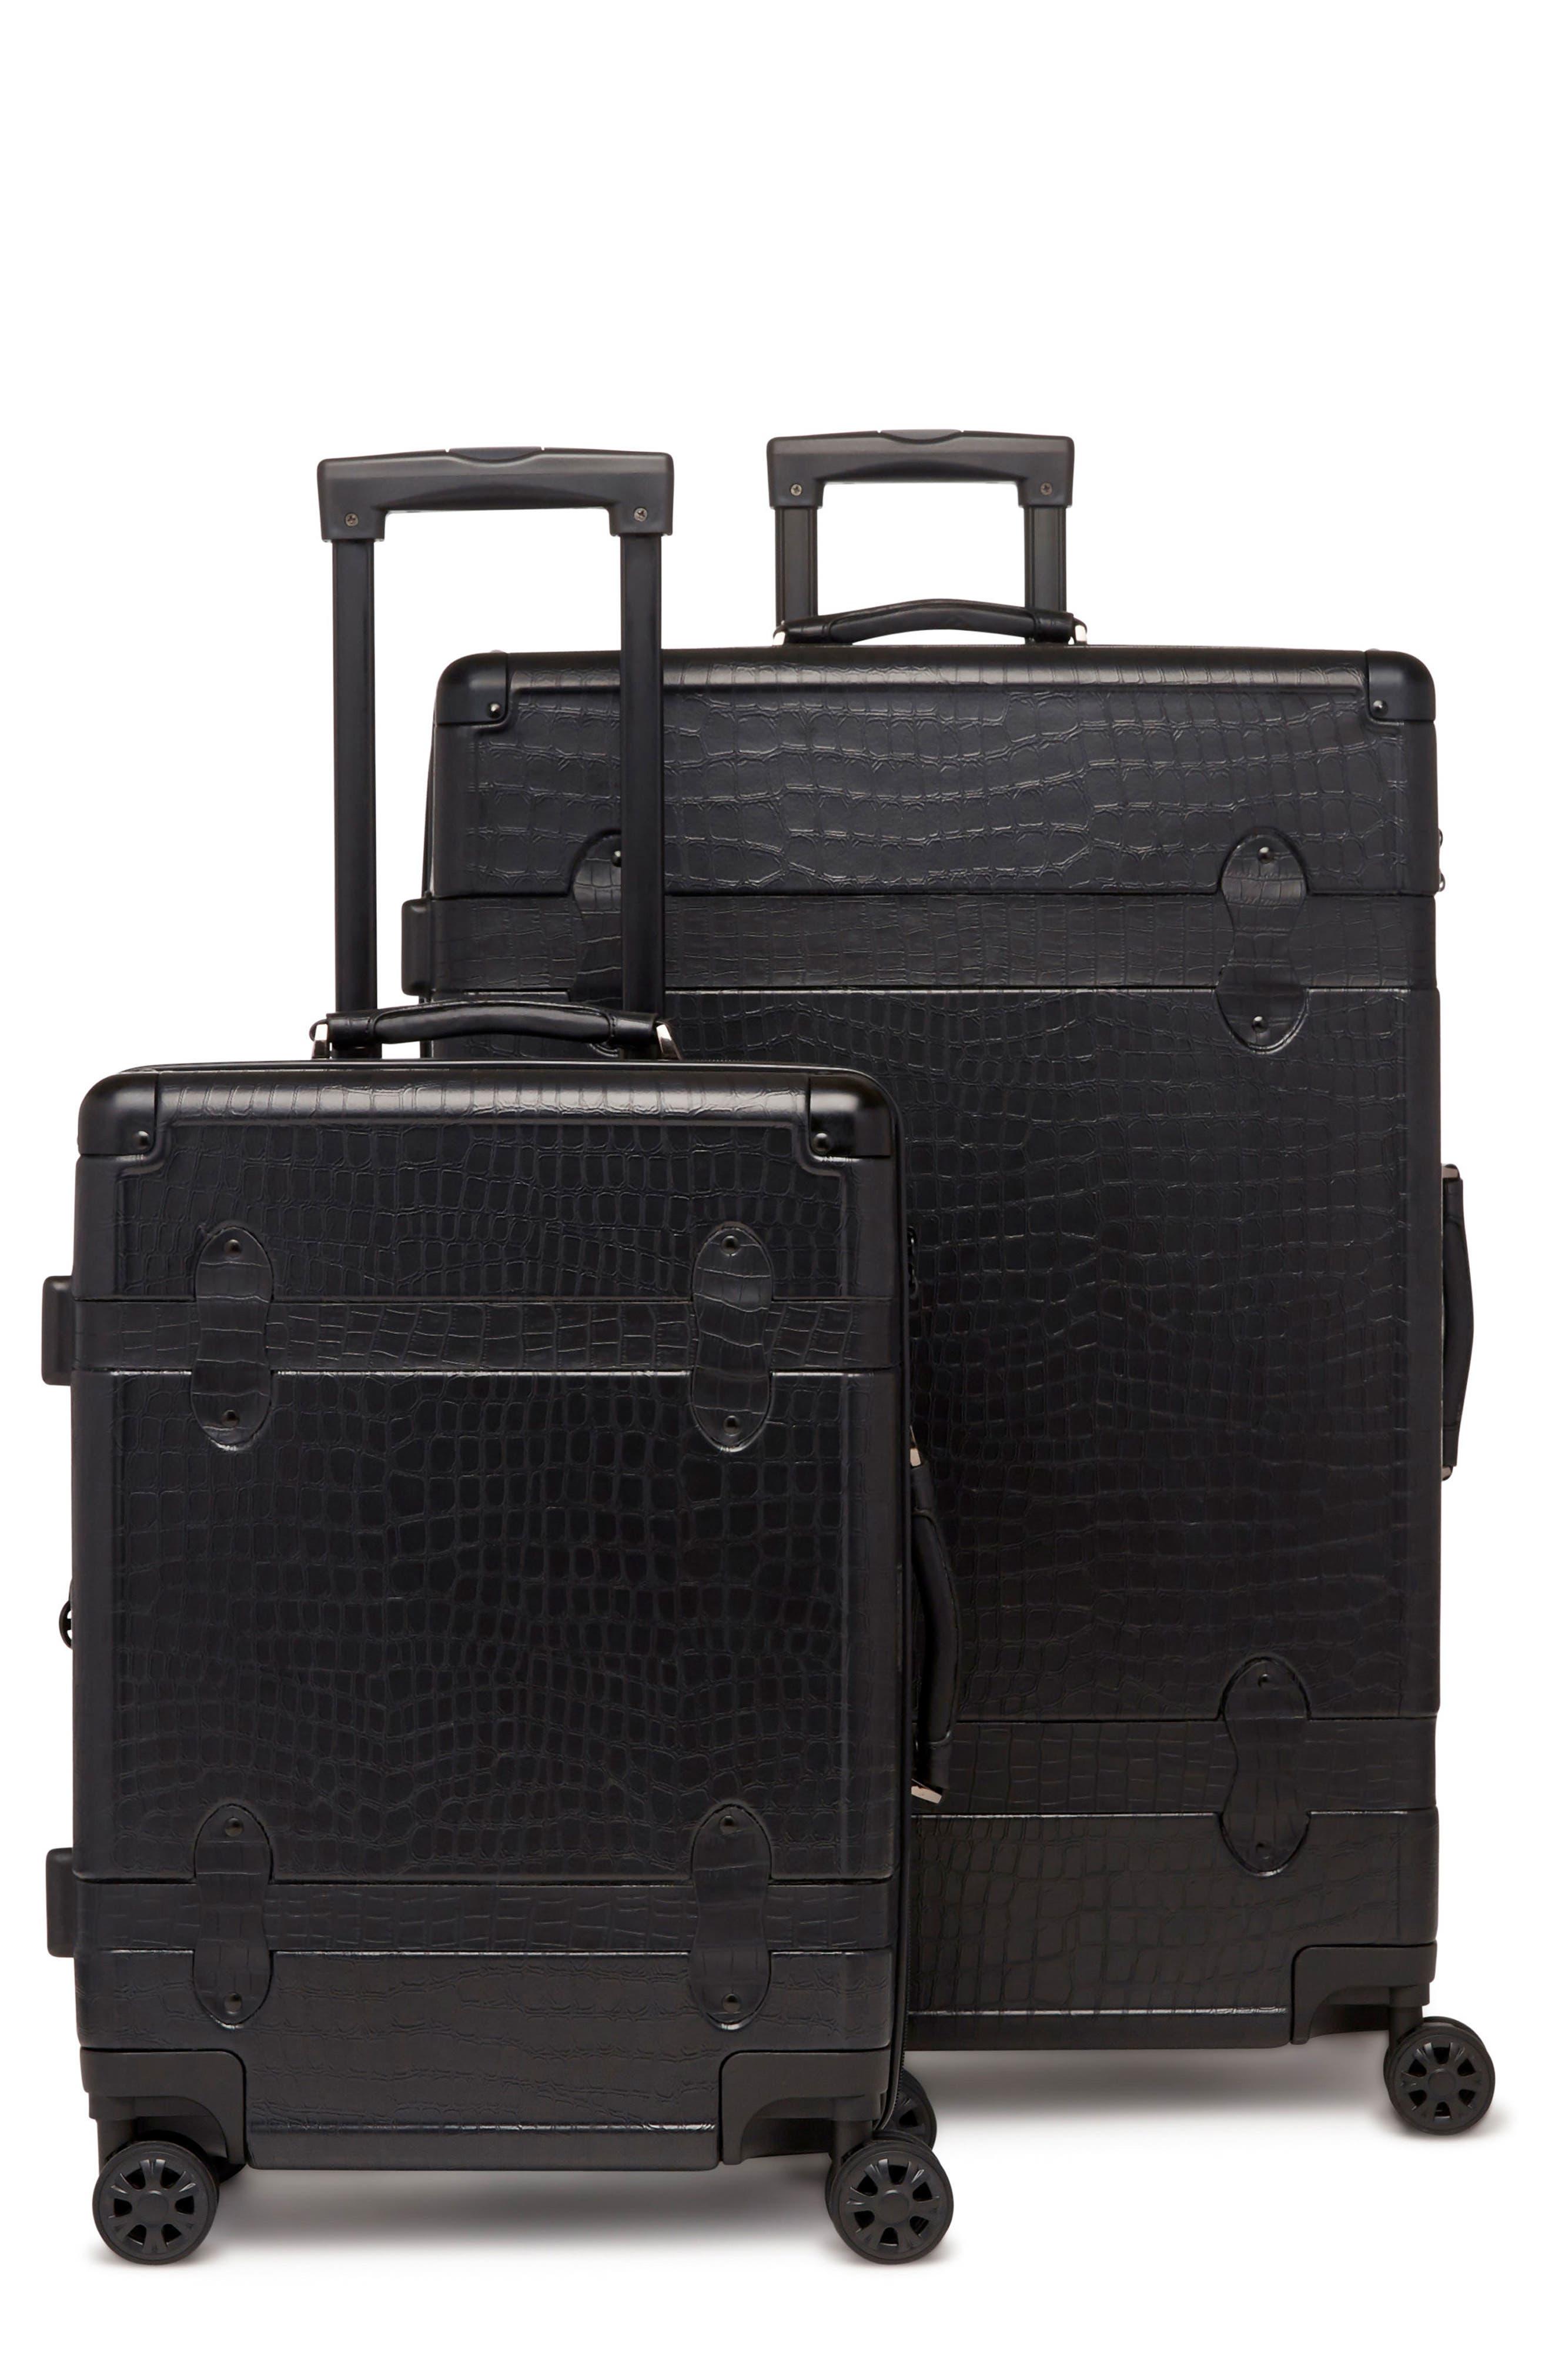 CALPAK 22-Inch & 30-Inch Trunk Rolling Luggage Set